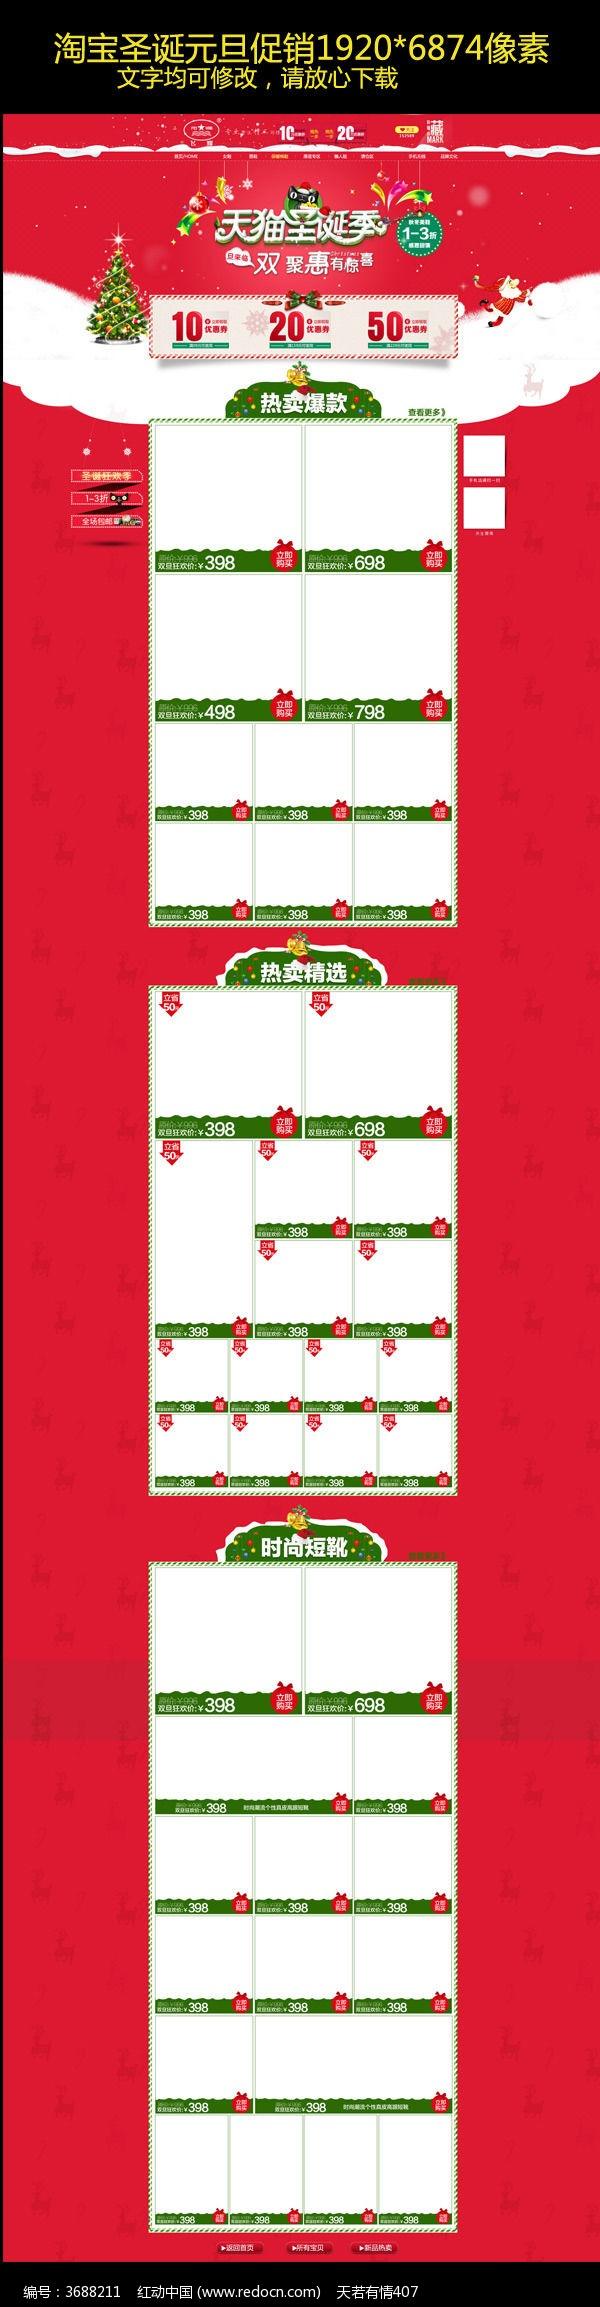 6 淘宝天猫圣诞节首页装修模板psd 大小:10mb&